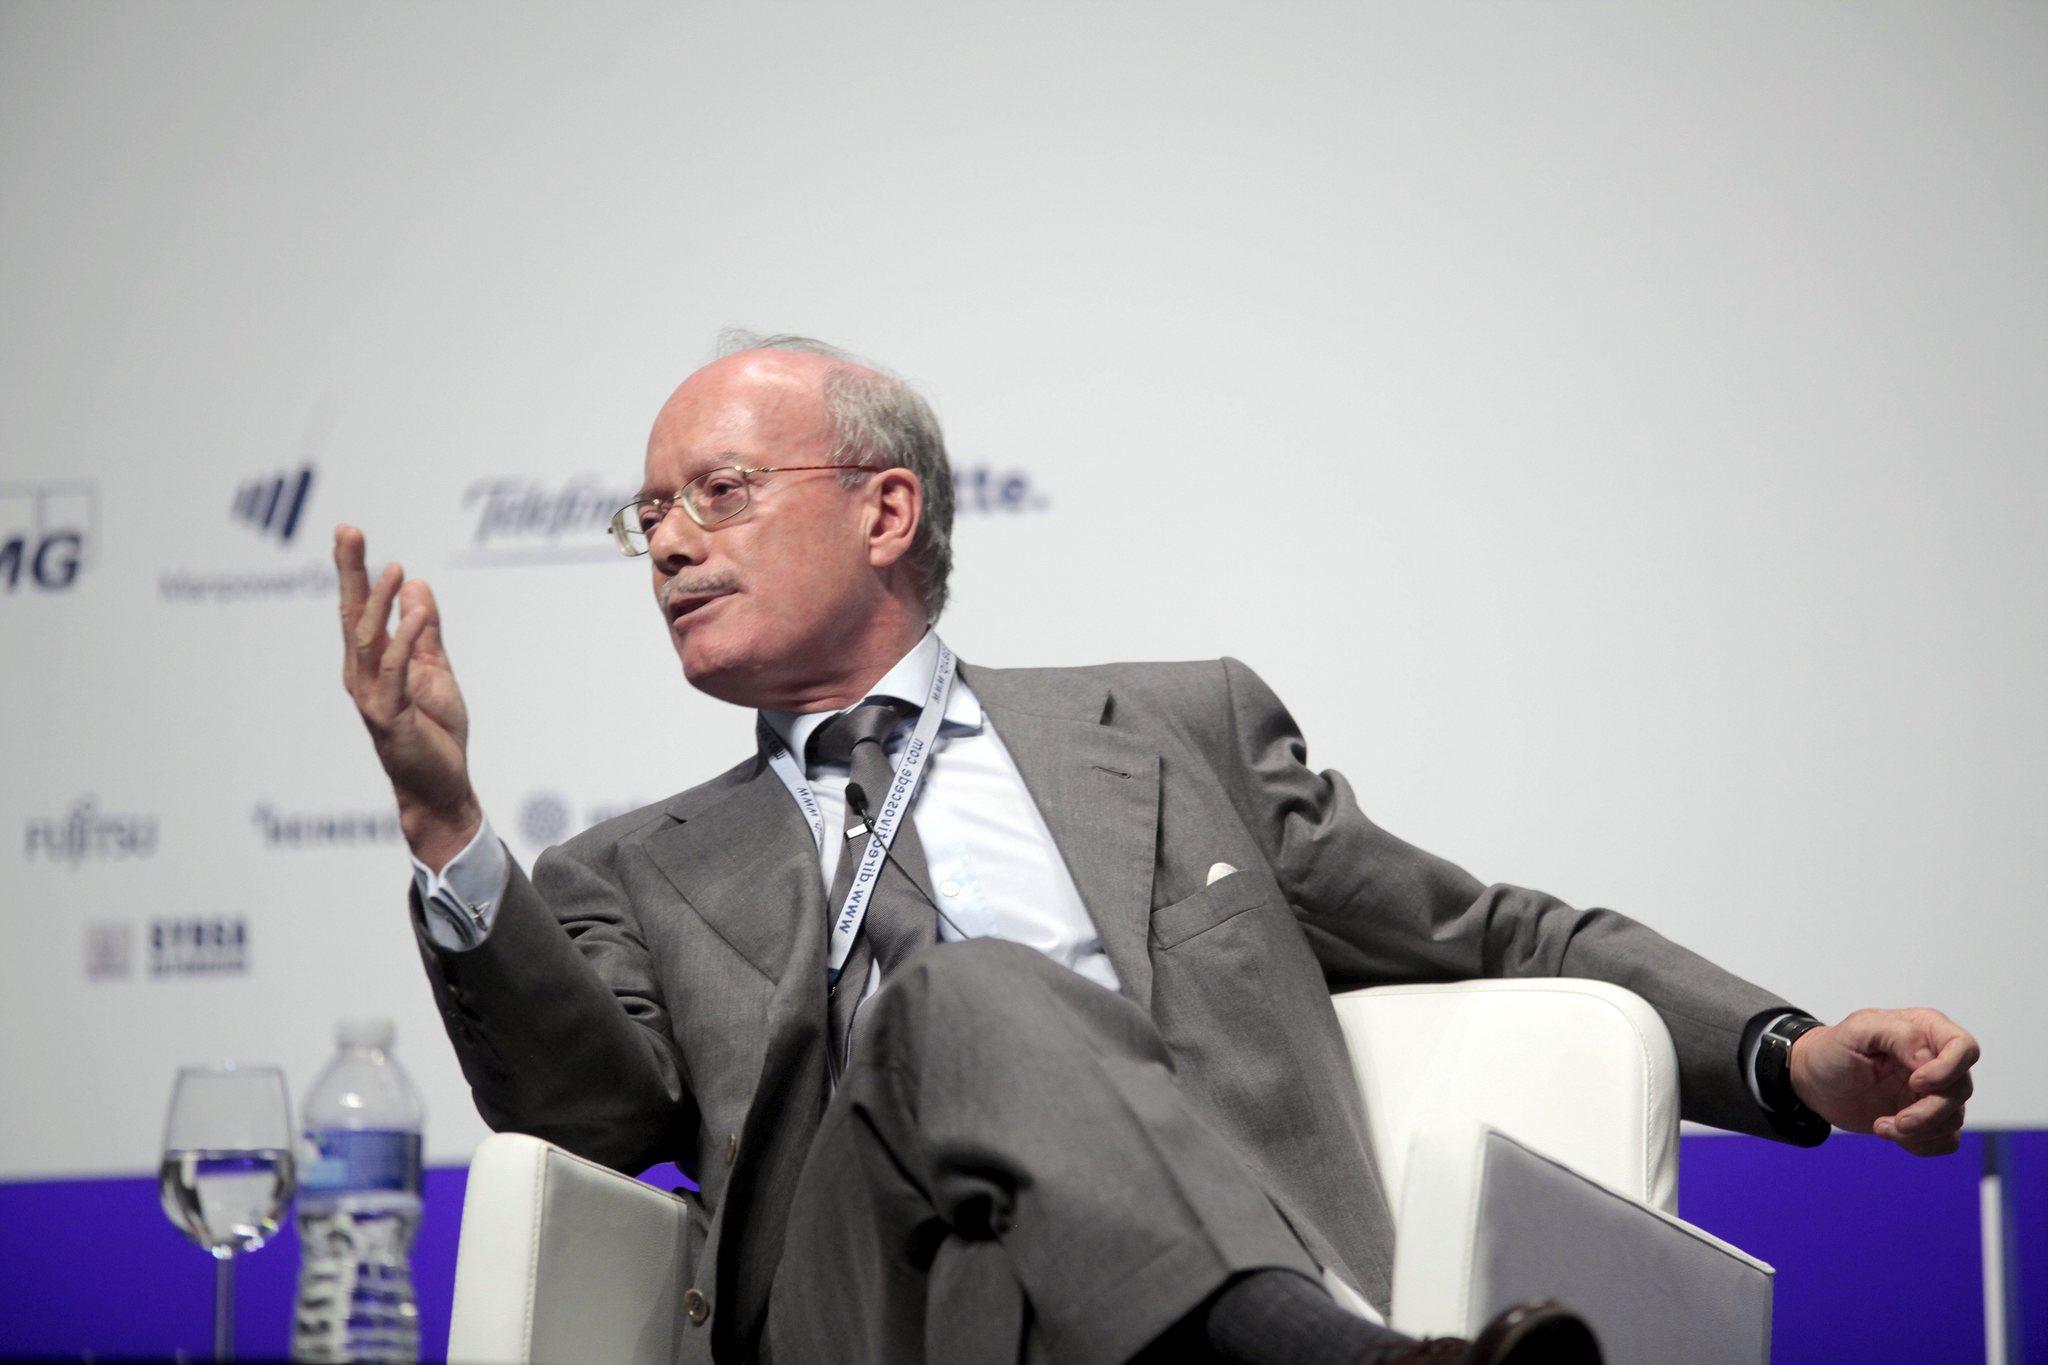 El presidente del Instituto de Estudios Económicos, José Luis Feito.